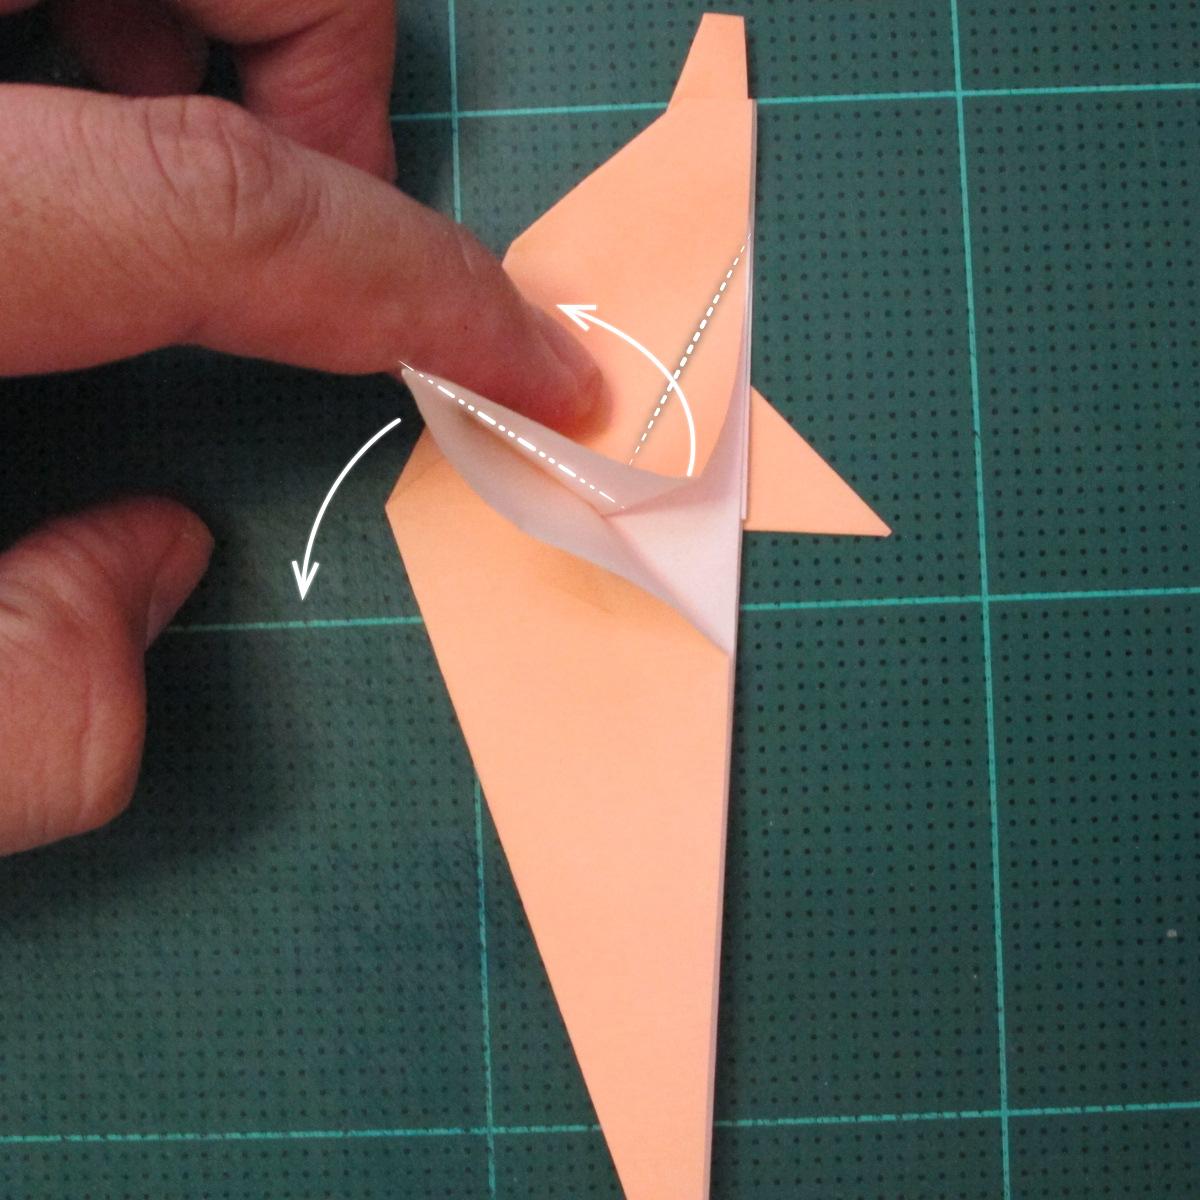 วิธีพับกระดาษเป็นรูปปลาโลมาแบบง่าย (Easy Origami Dolphin) 013